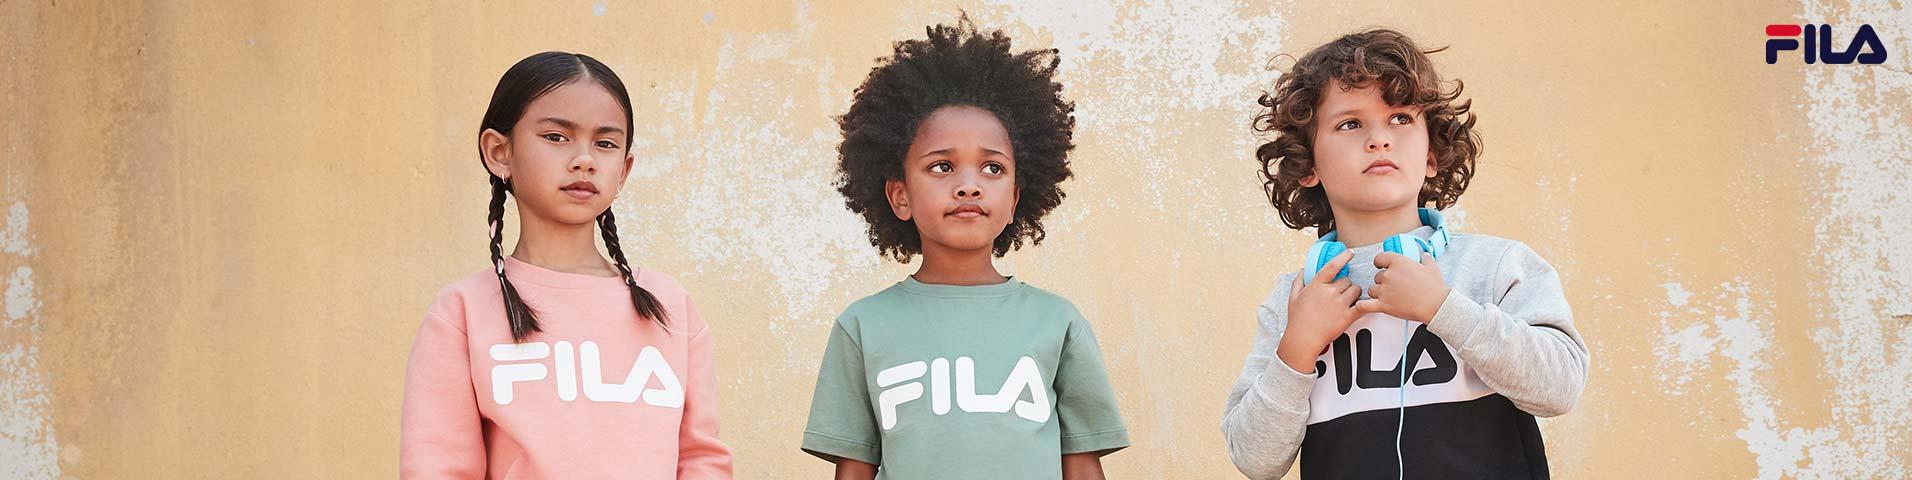 zalando abbigliamento sportivo bambini